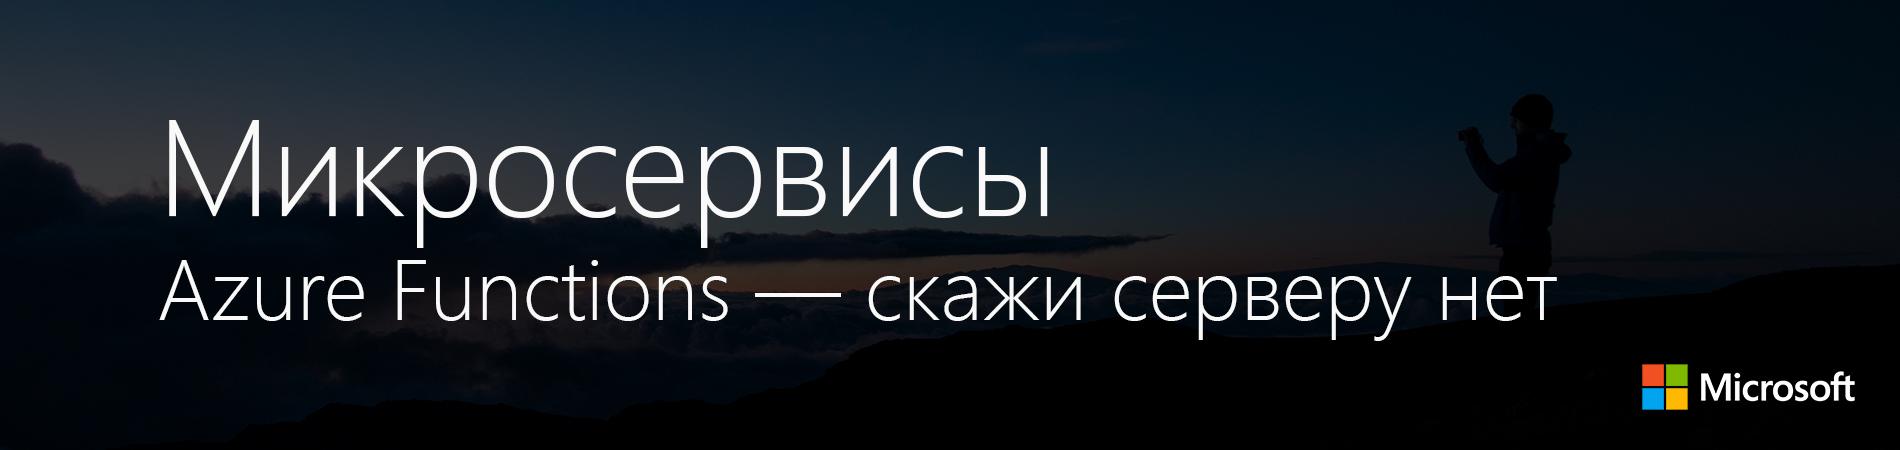 d652b840dc154ec29d44d1745e8c68d0.jpg